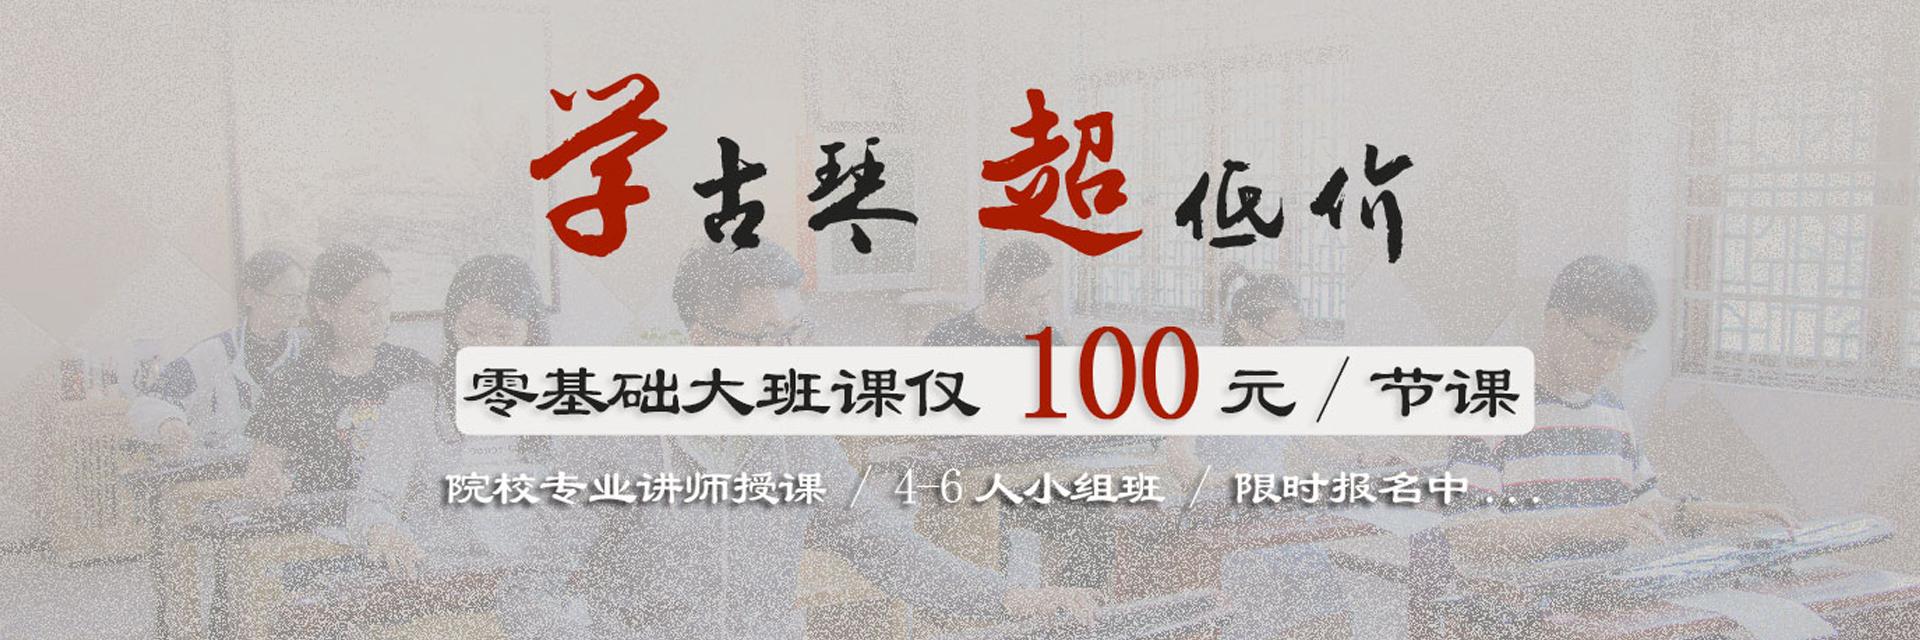 铭乐堂专业古琴培训20年